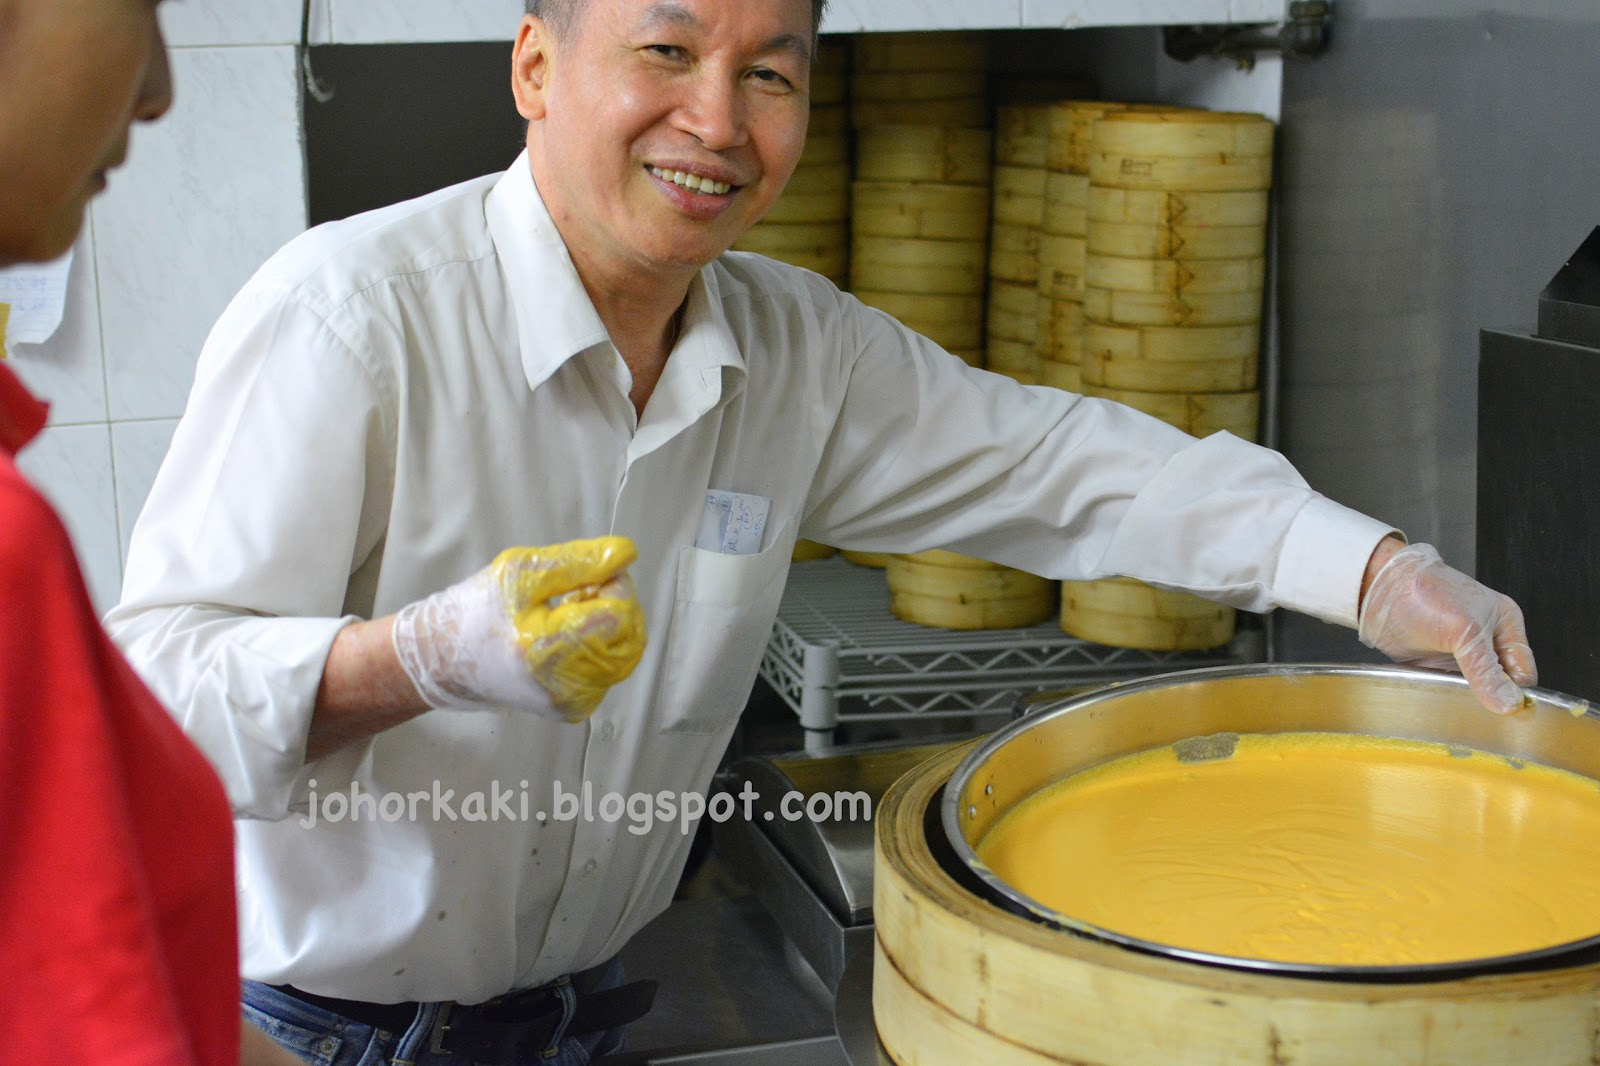 East Bistro In Sembawang Singapore - Second Visit JK1240 東小館 |Johor Kaki Travels for Food